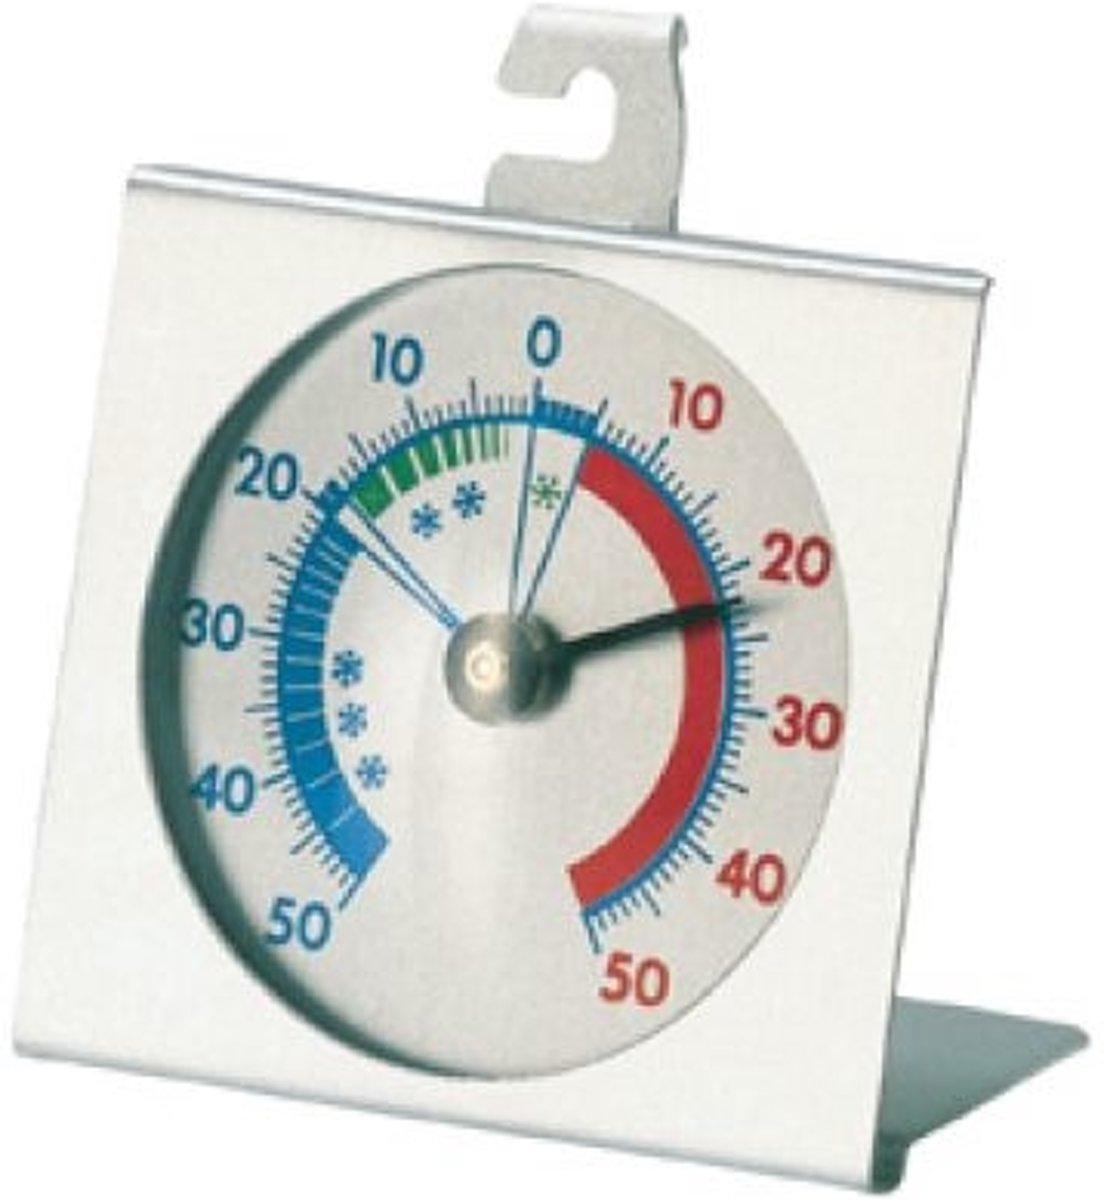 Koelkastthermometer - 7 cm kopen